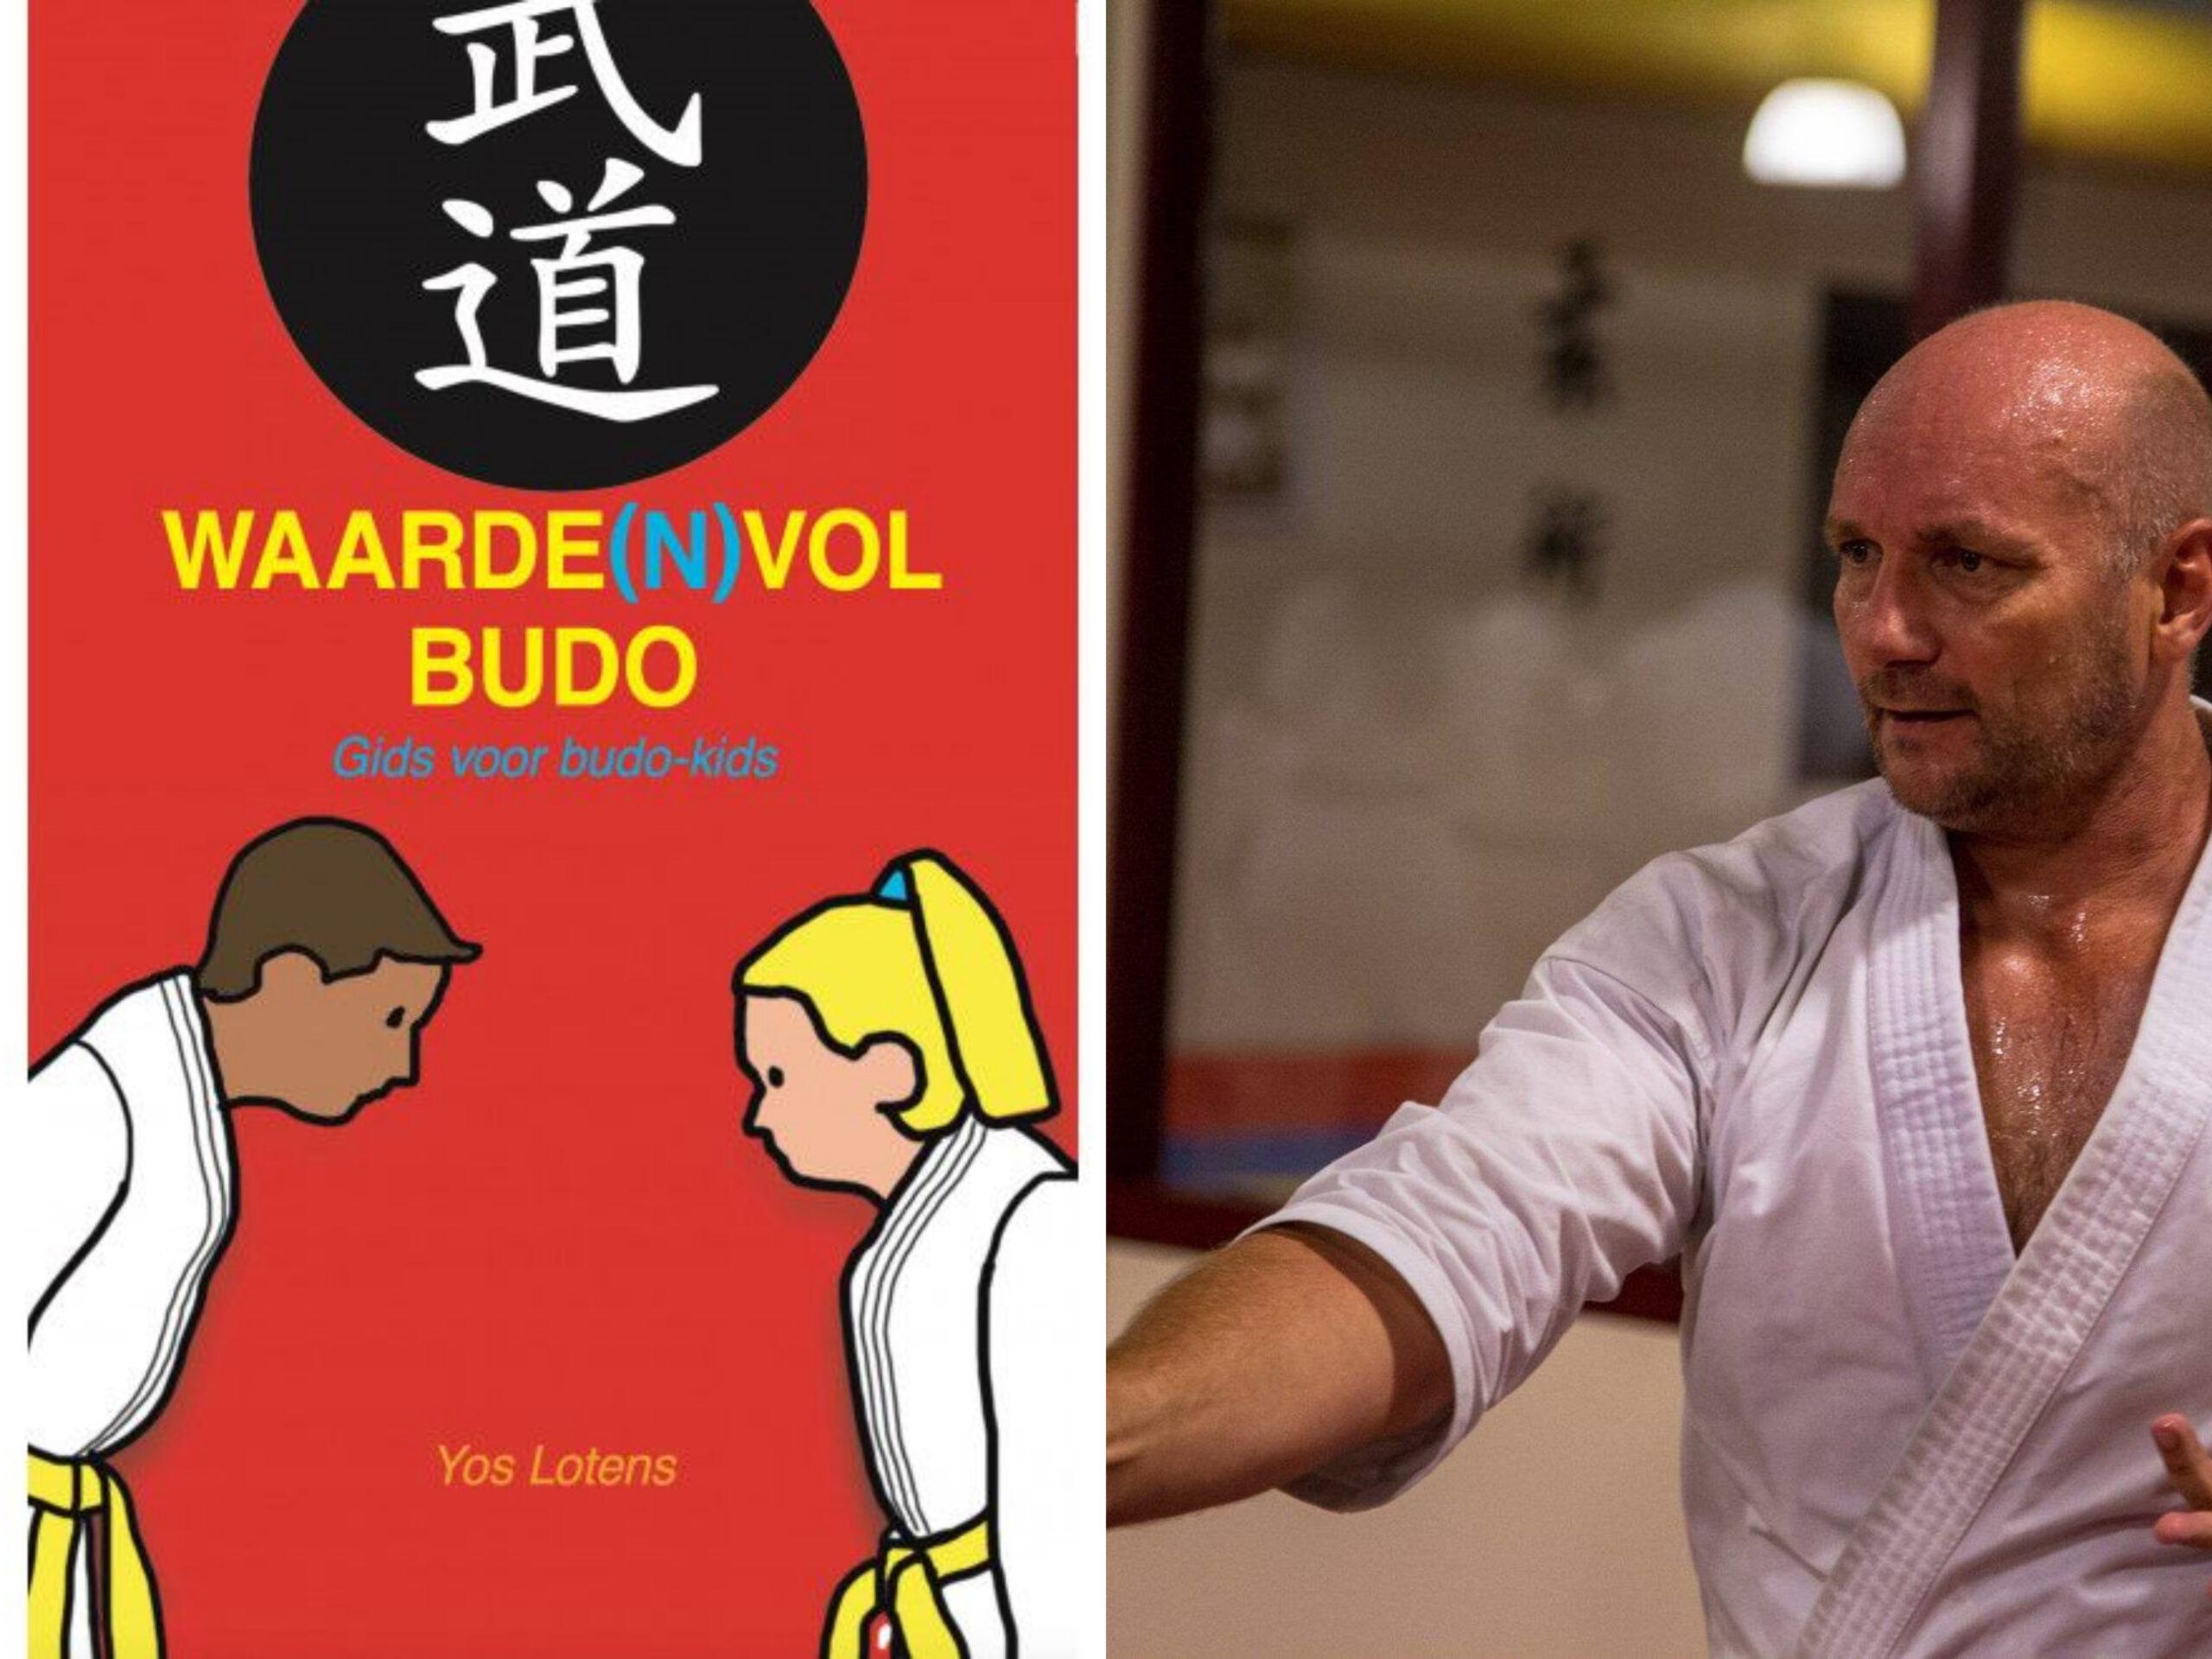 Karateka Curt Haagedoorn over Waarde(n)vol Budo